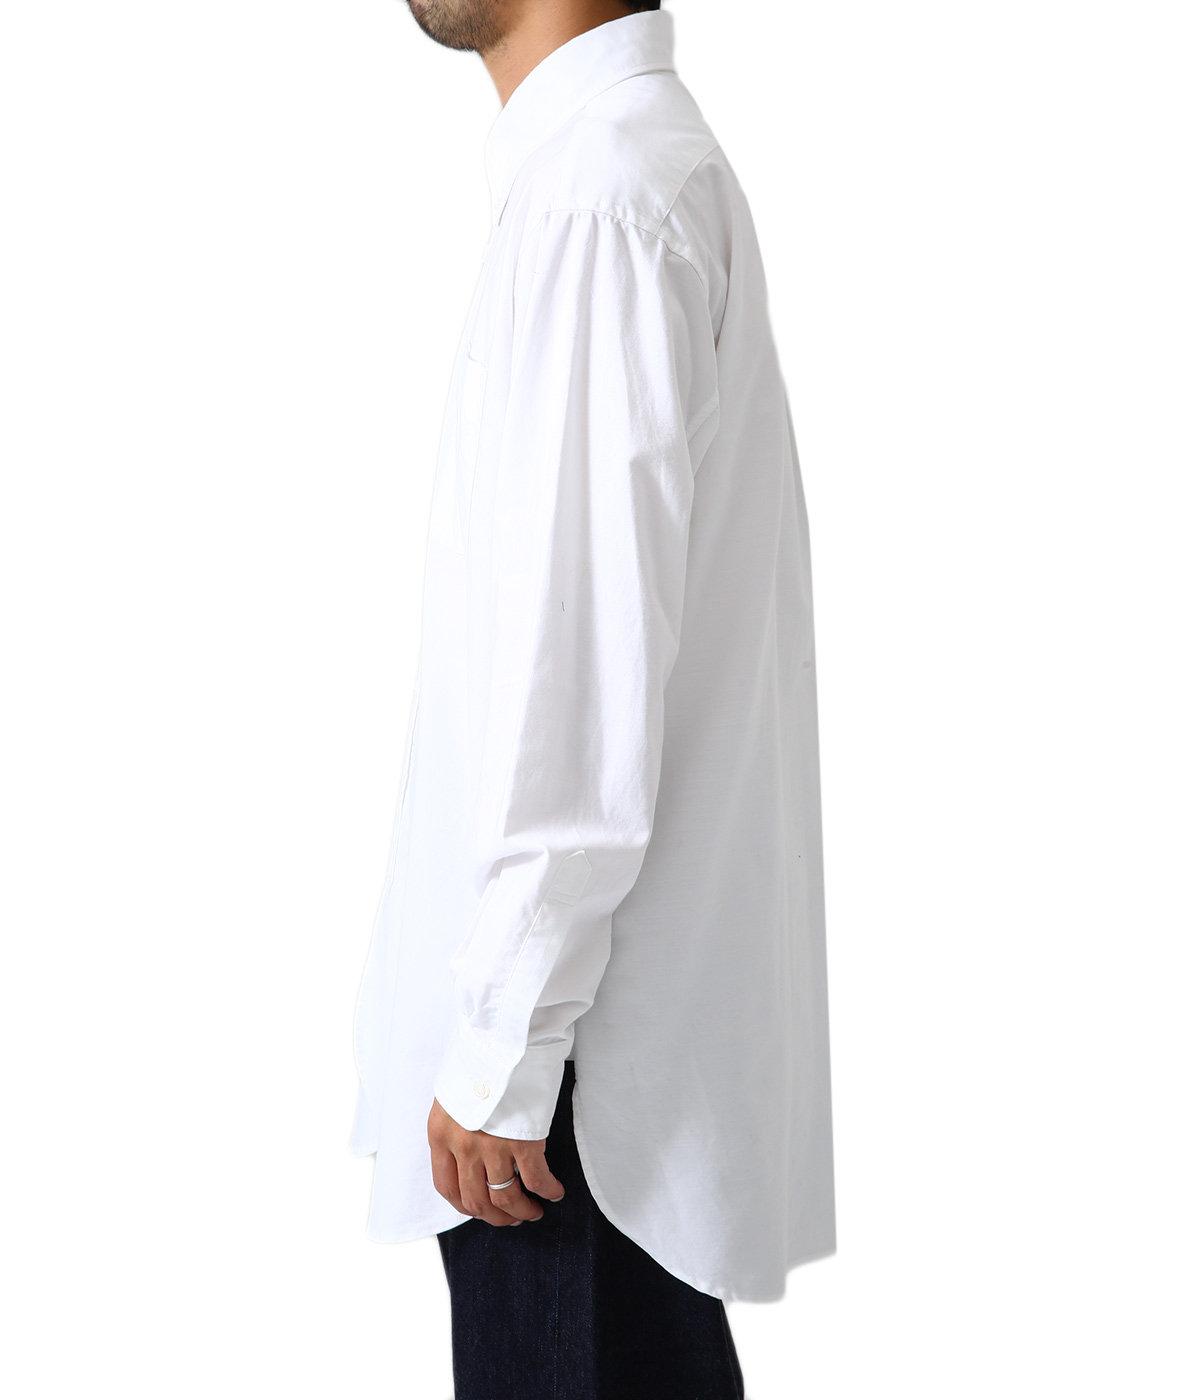 19th BD Shirt - Cotton Oxford